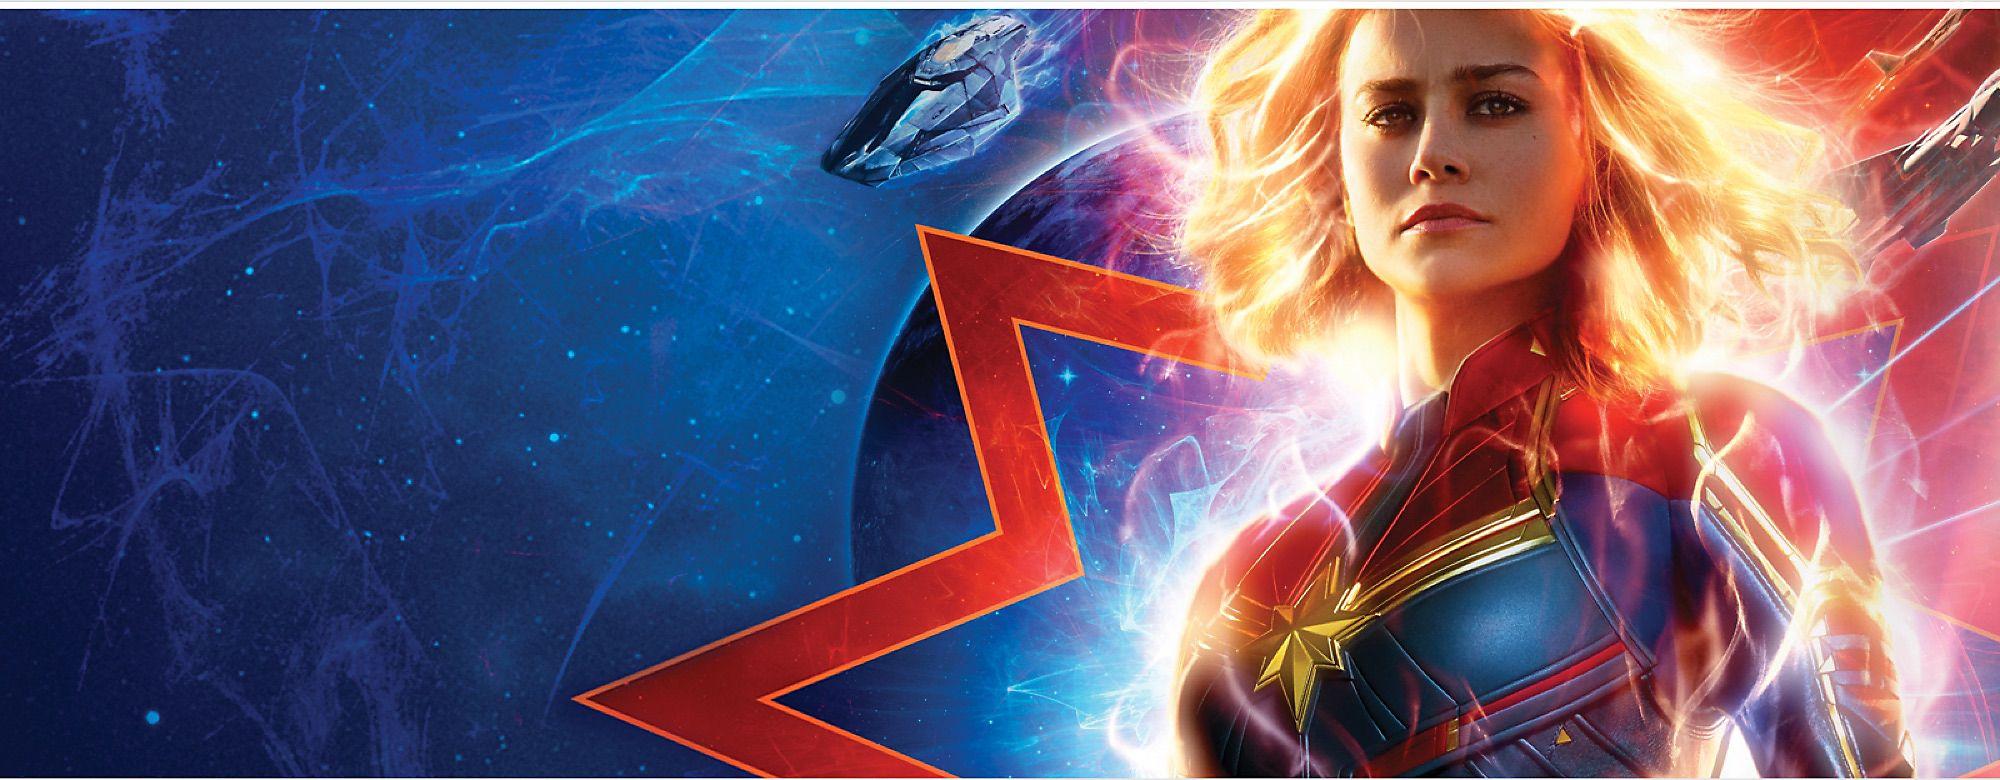 Carol Danvers wird zu einer der stärksten Heldinnen des Universums im Kampf zwischen zwei außerirdischen Rassen. Entdecke unser intergalaktisches Sortiment aus Kleidung, Kostümen, Spielzeug und mehr. Erscheint im März 2019